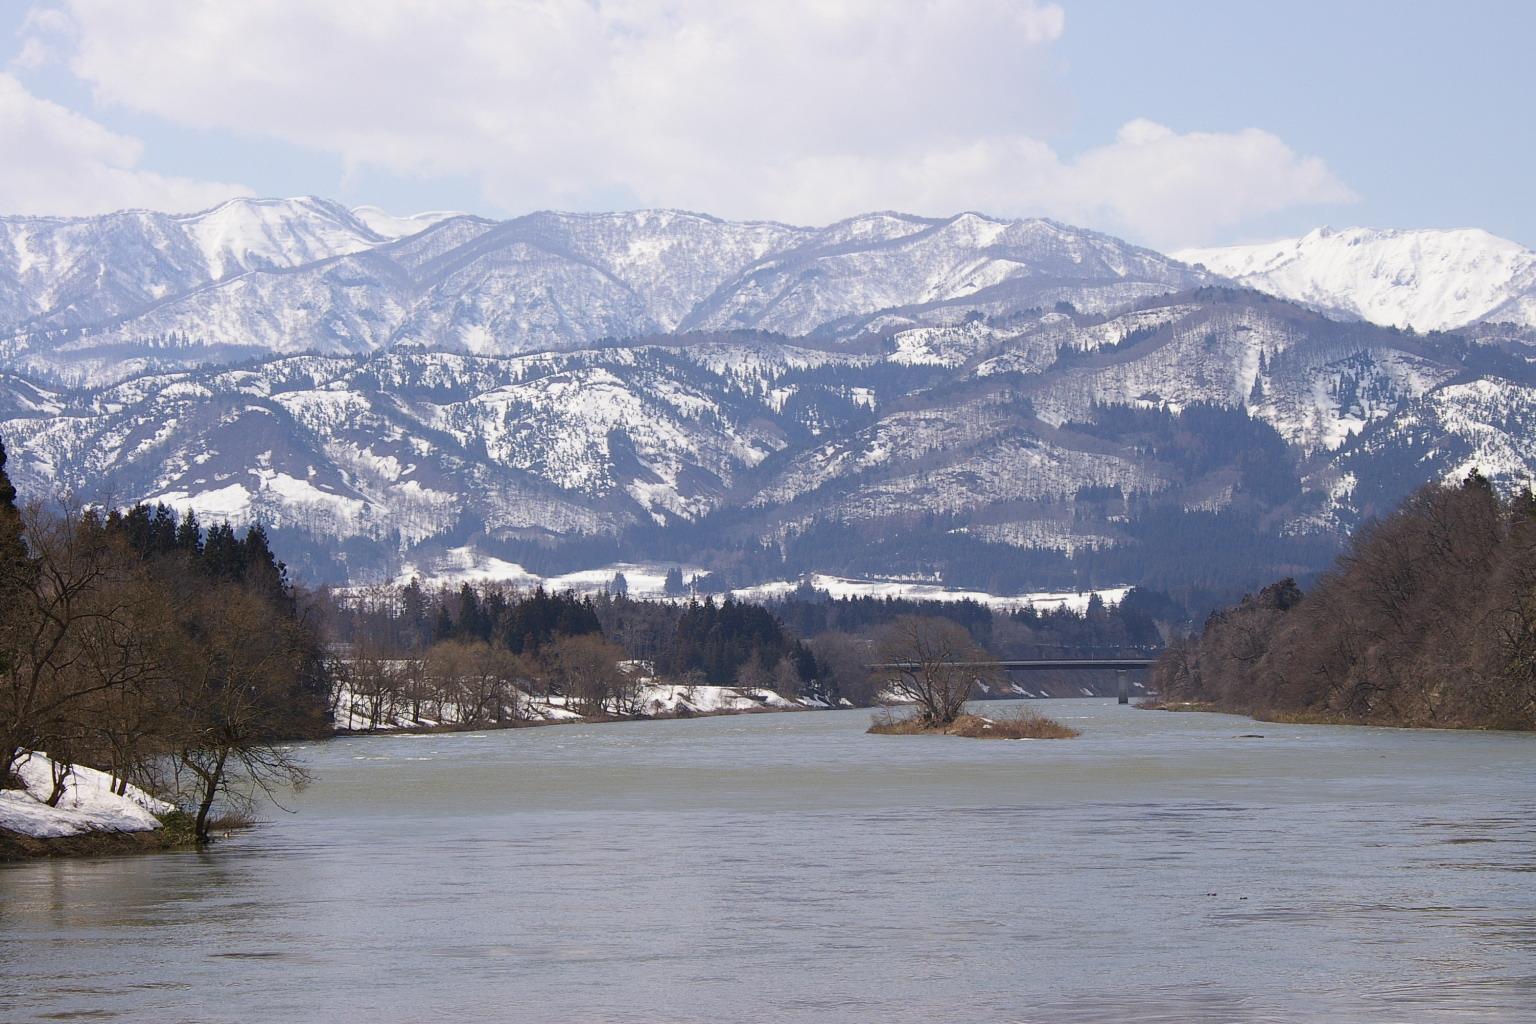 村山市の葉山の眺め、雪景色